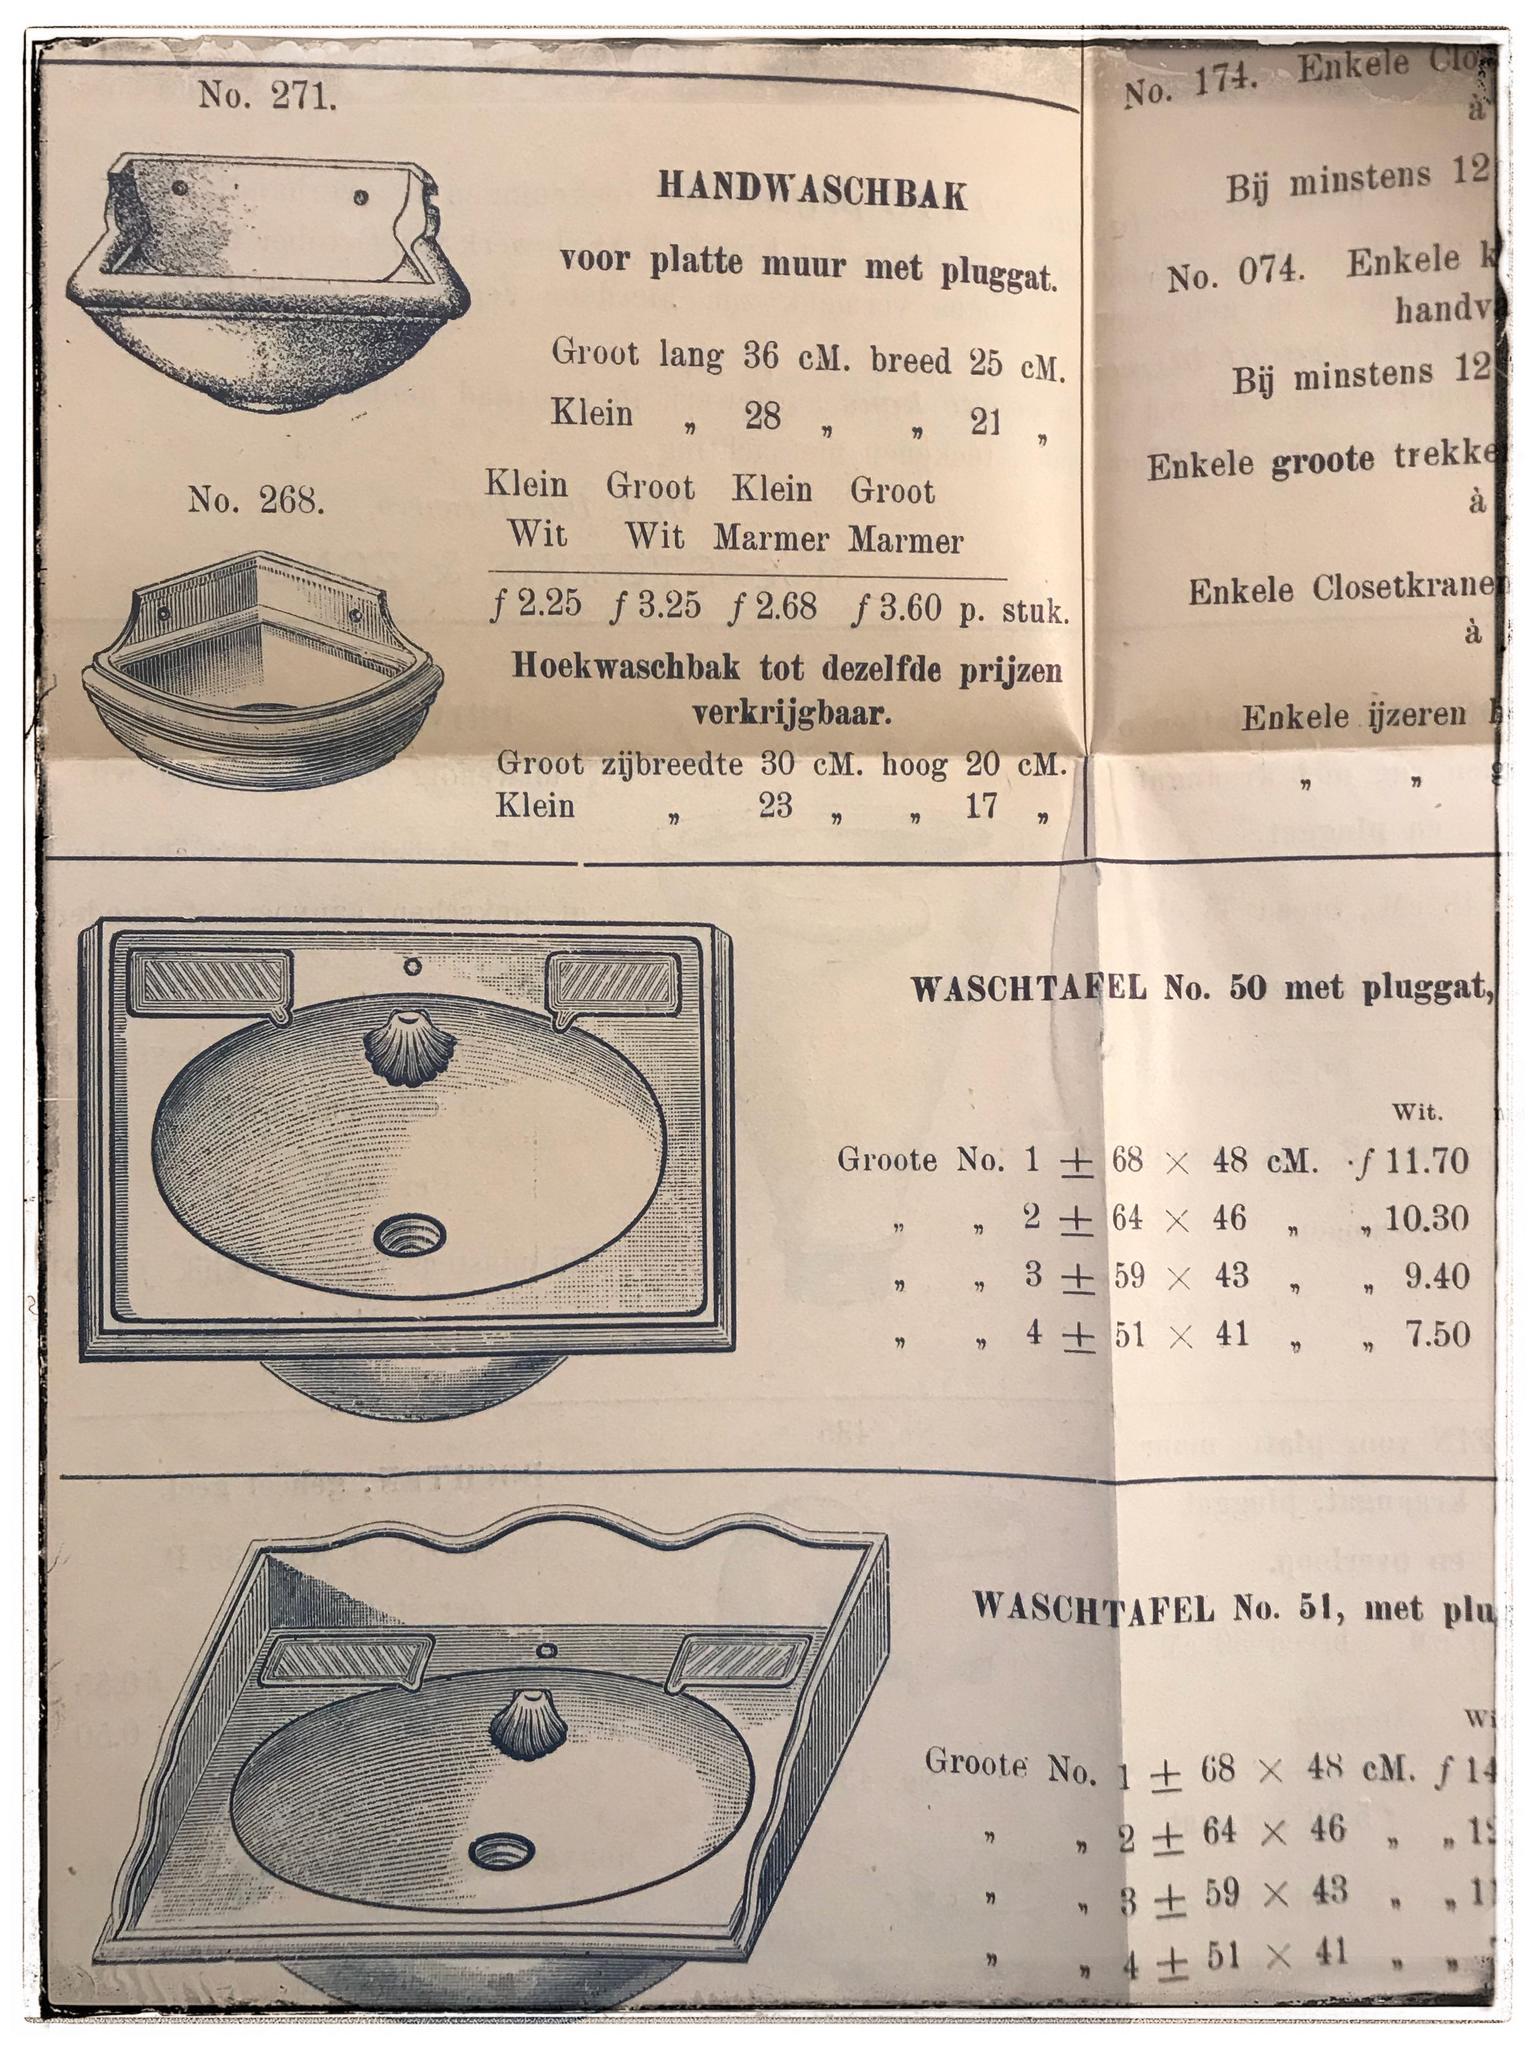 Kleine wastafel van porselein uit de periode 1900-1910